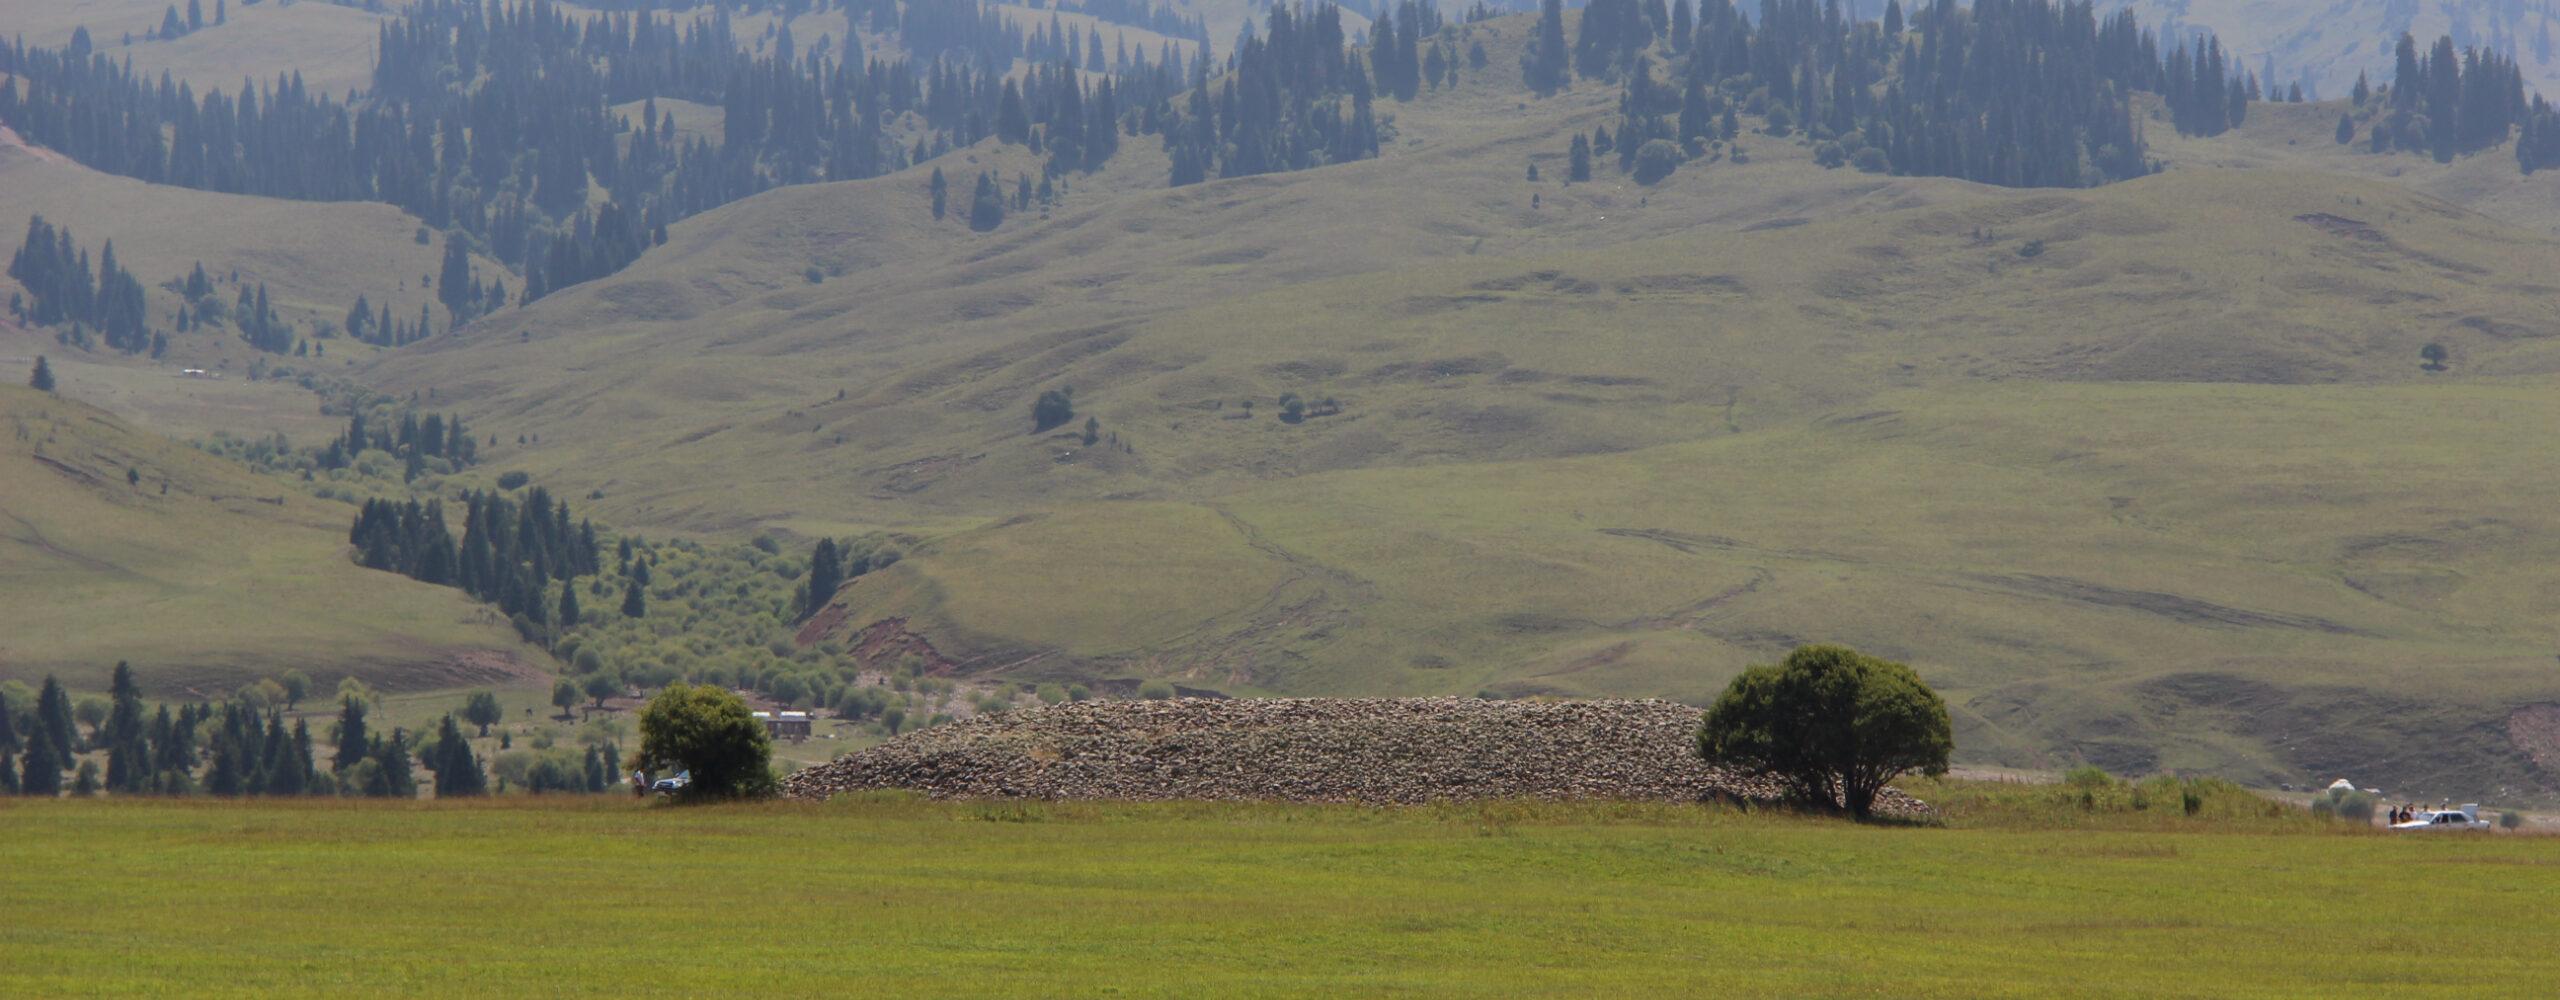 Земля кочевников (Часть 6) Камни Тамерлана